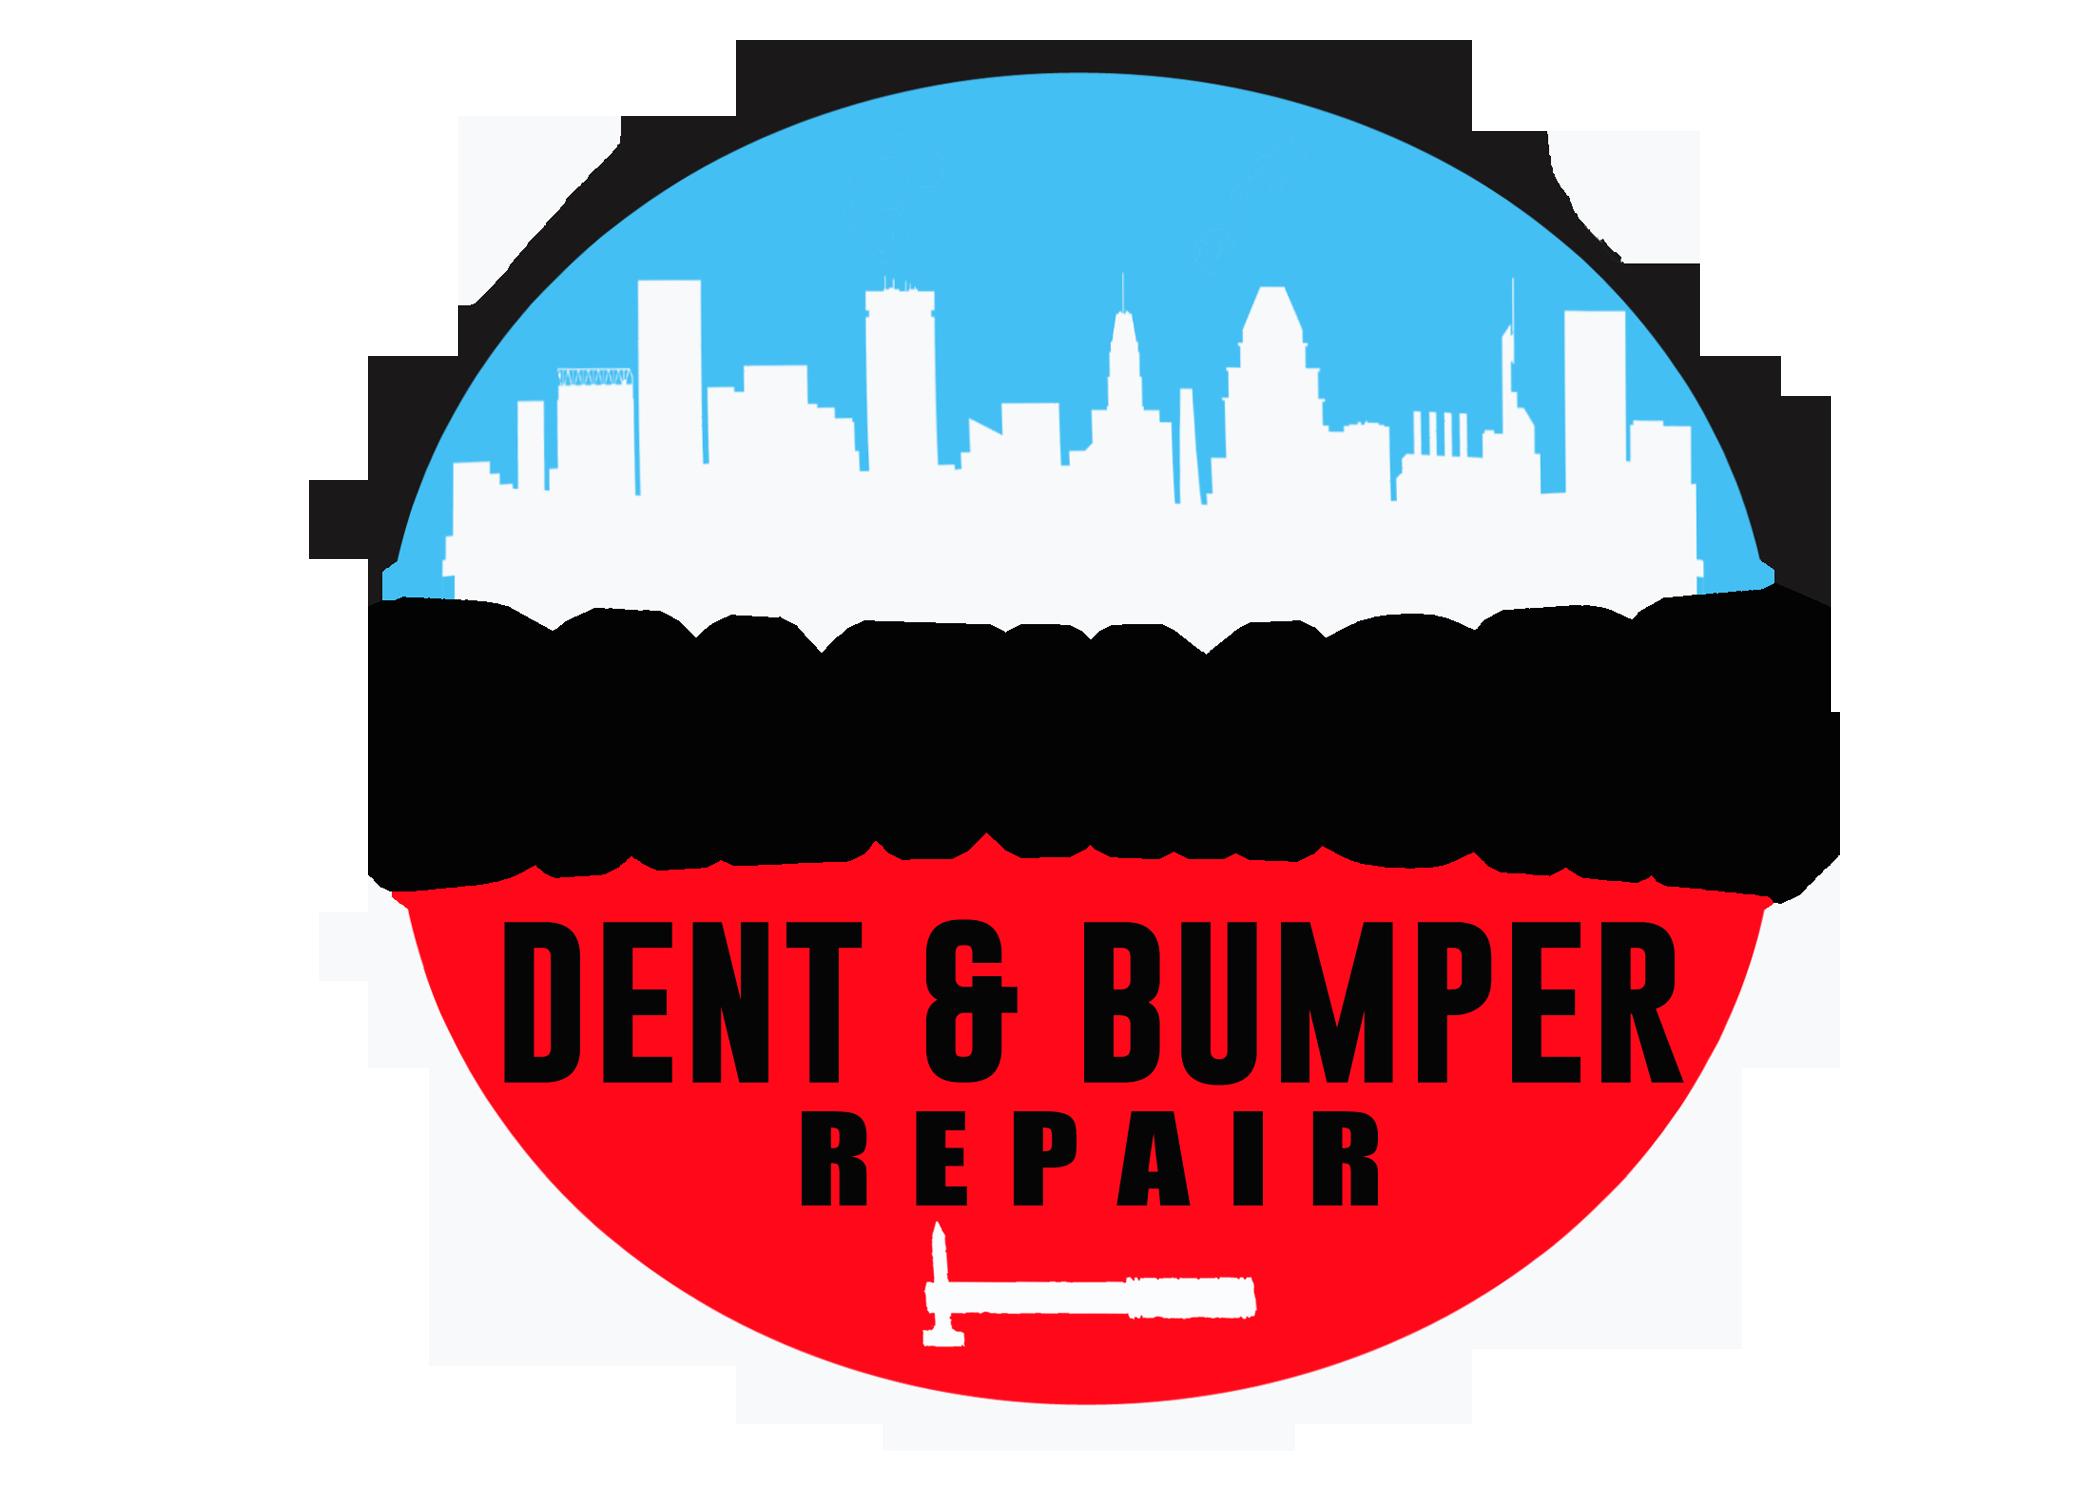 BaltimoreDent&BumperRepair.png